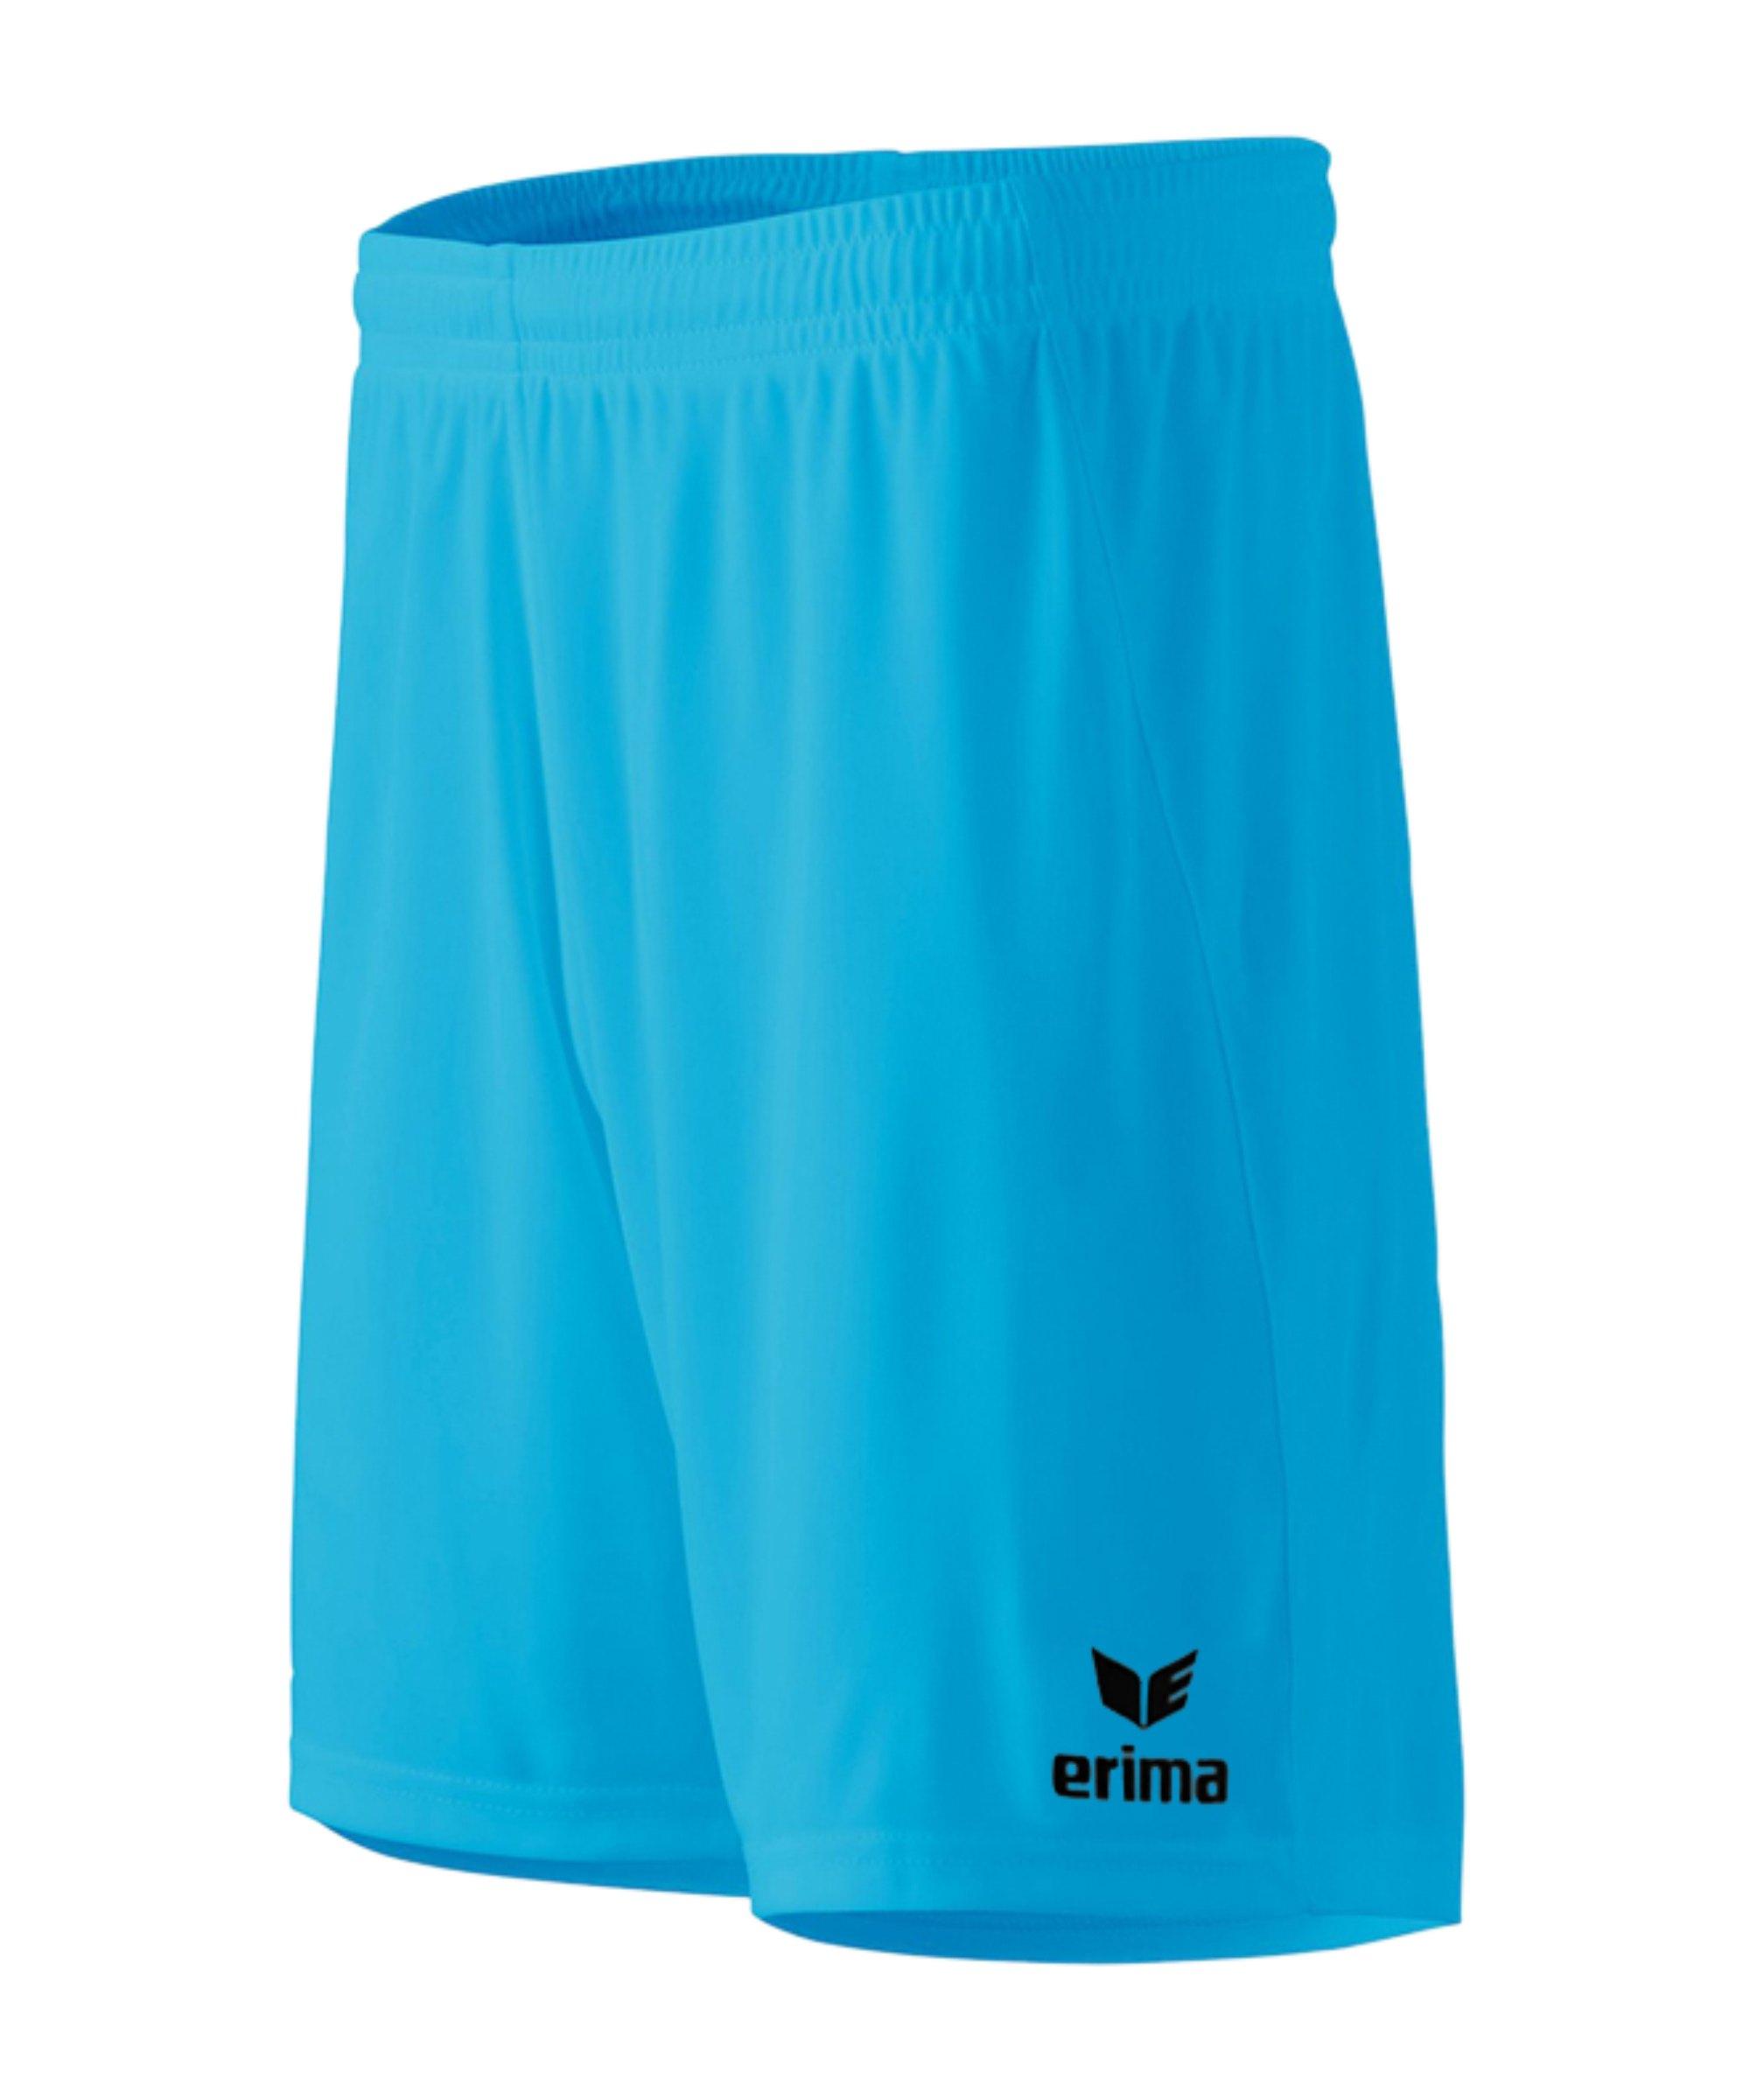 Erima Rio 2.0 Short ohne Innenslip Hellblau - blau